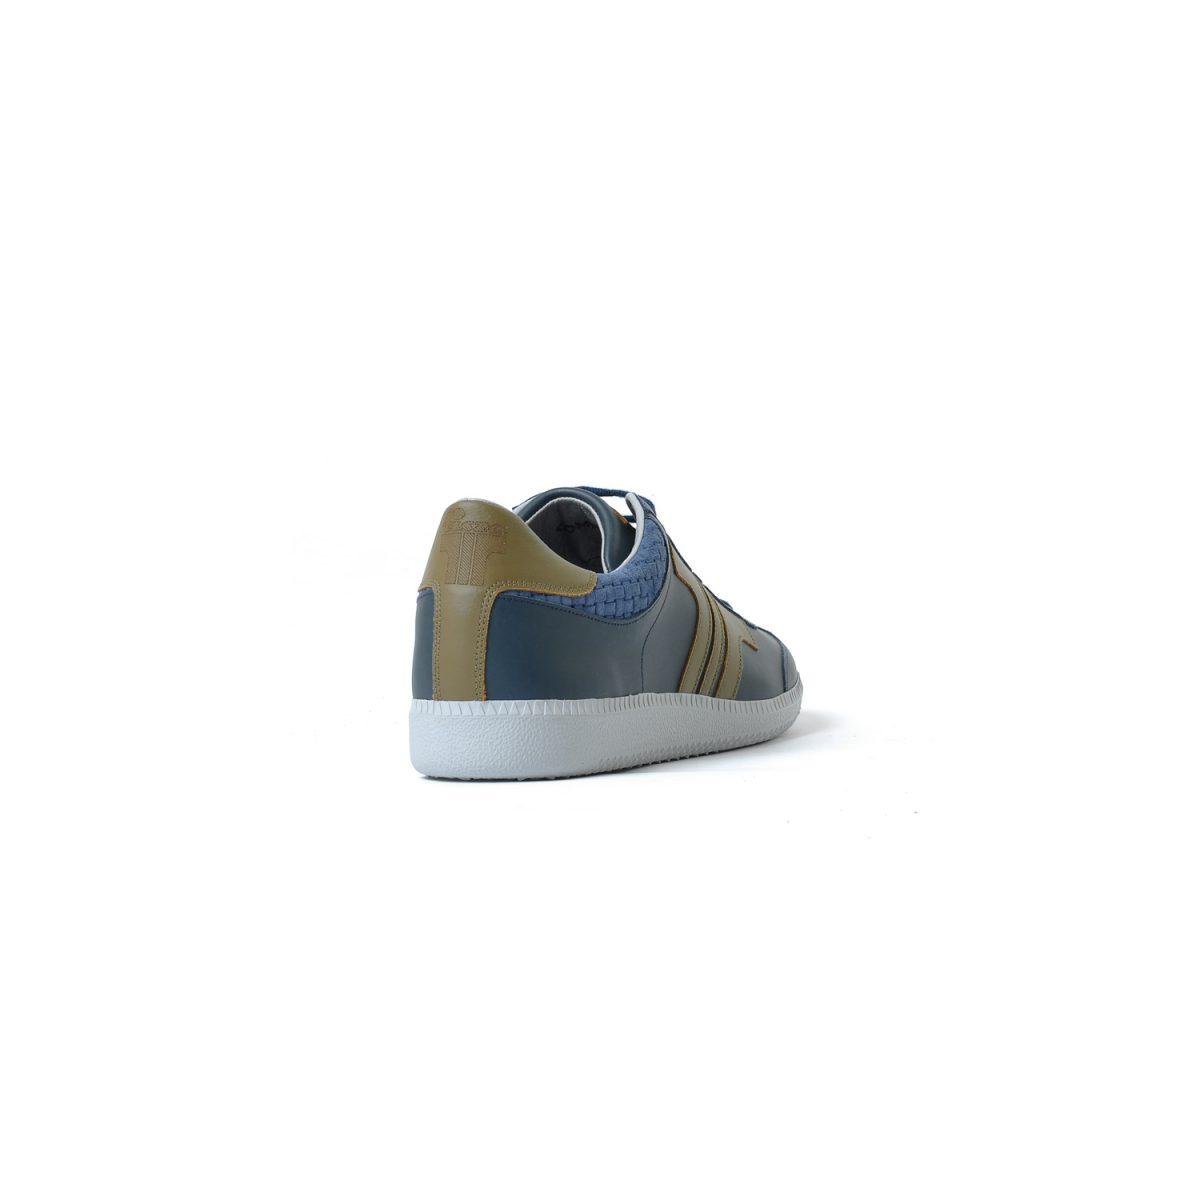 Tisza cipő - Compakt - Sötétkék-keki